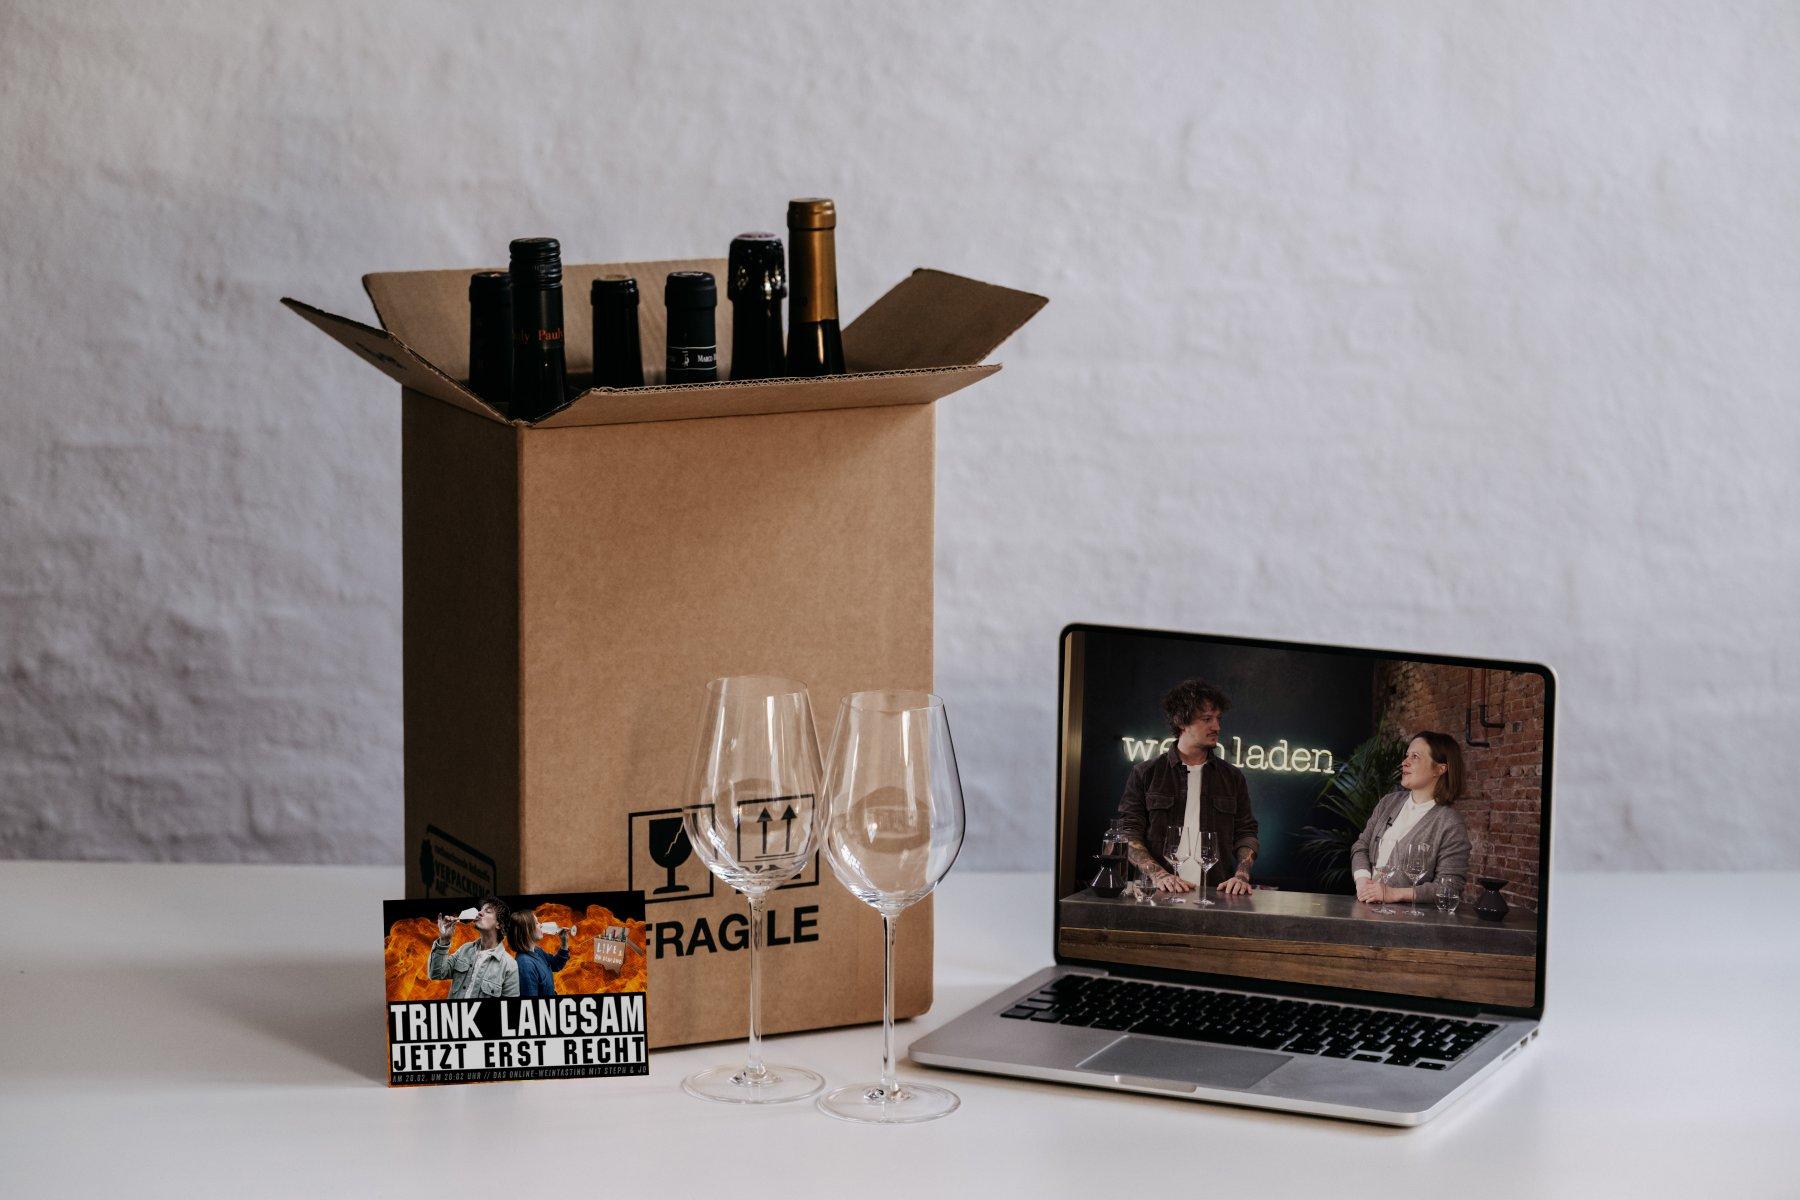 Geheimtipp Hamburg Weintasting TRINK LANGSAM jetzt erst recht Jo und Steph Dahlina Sophie Kock 003a